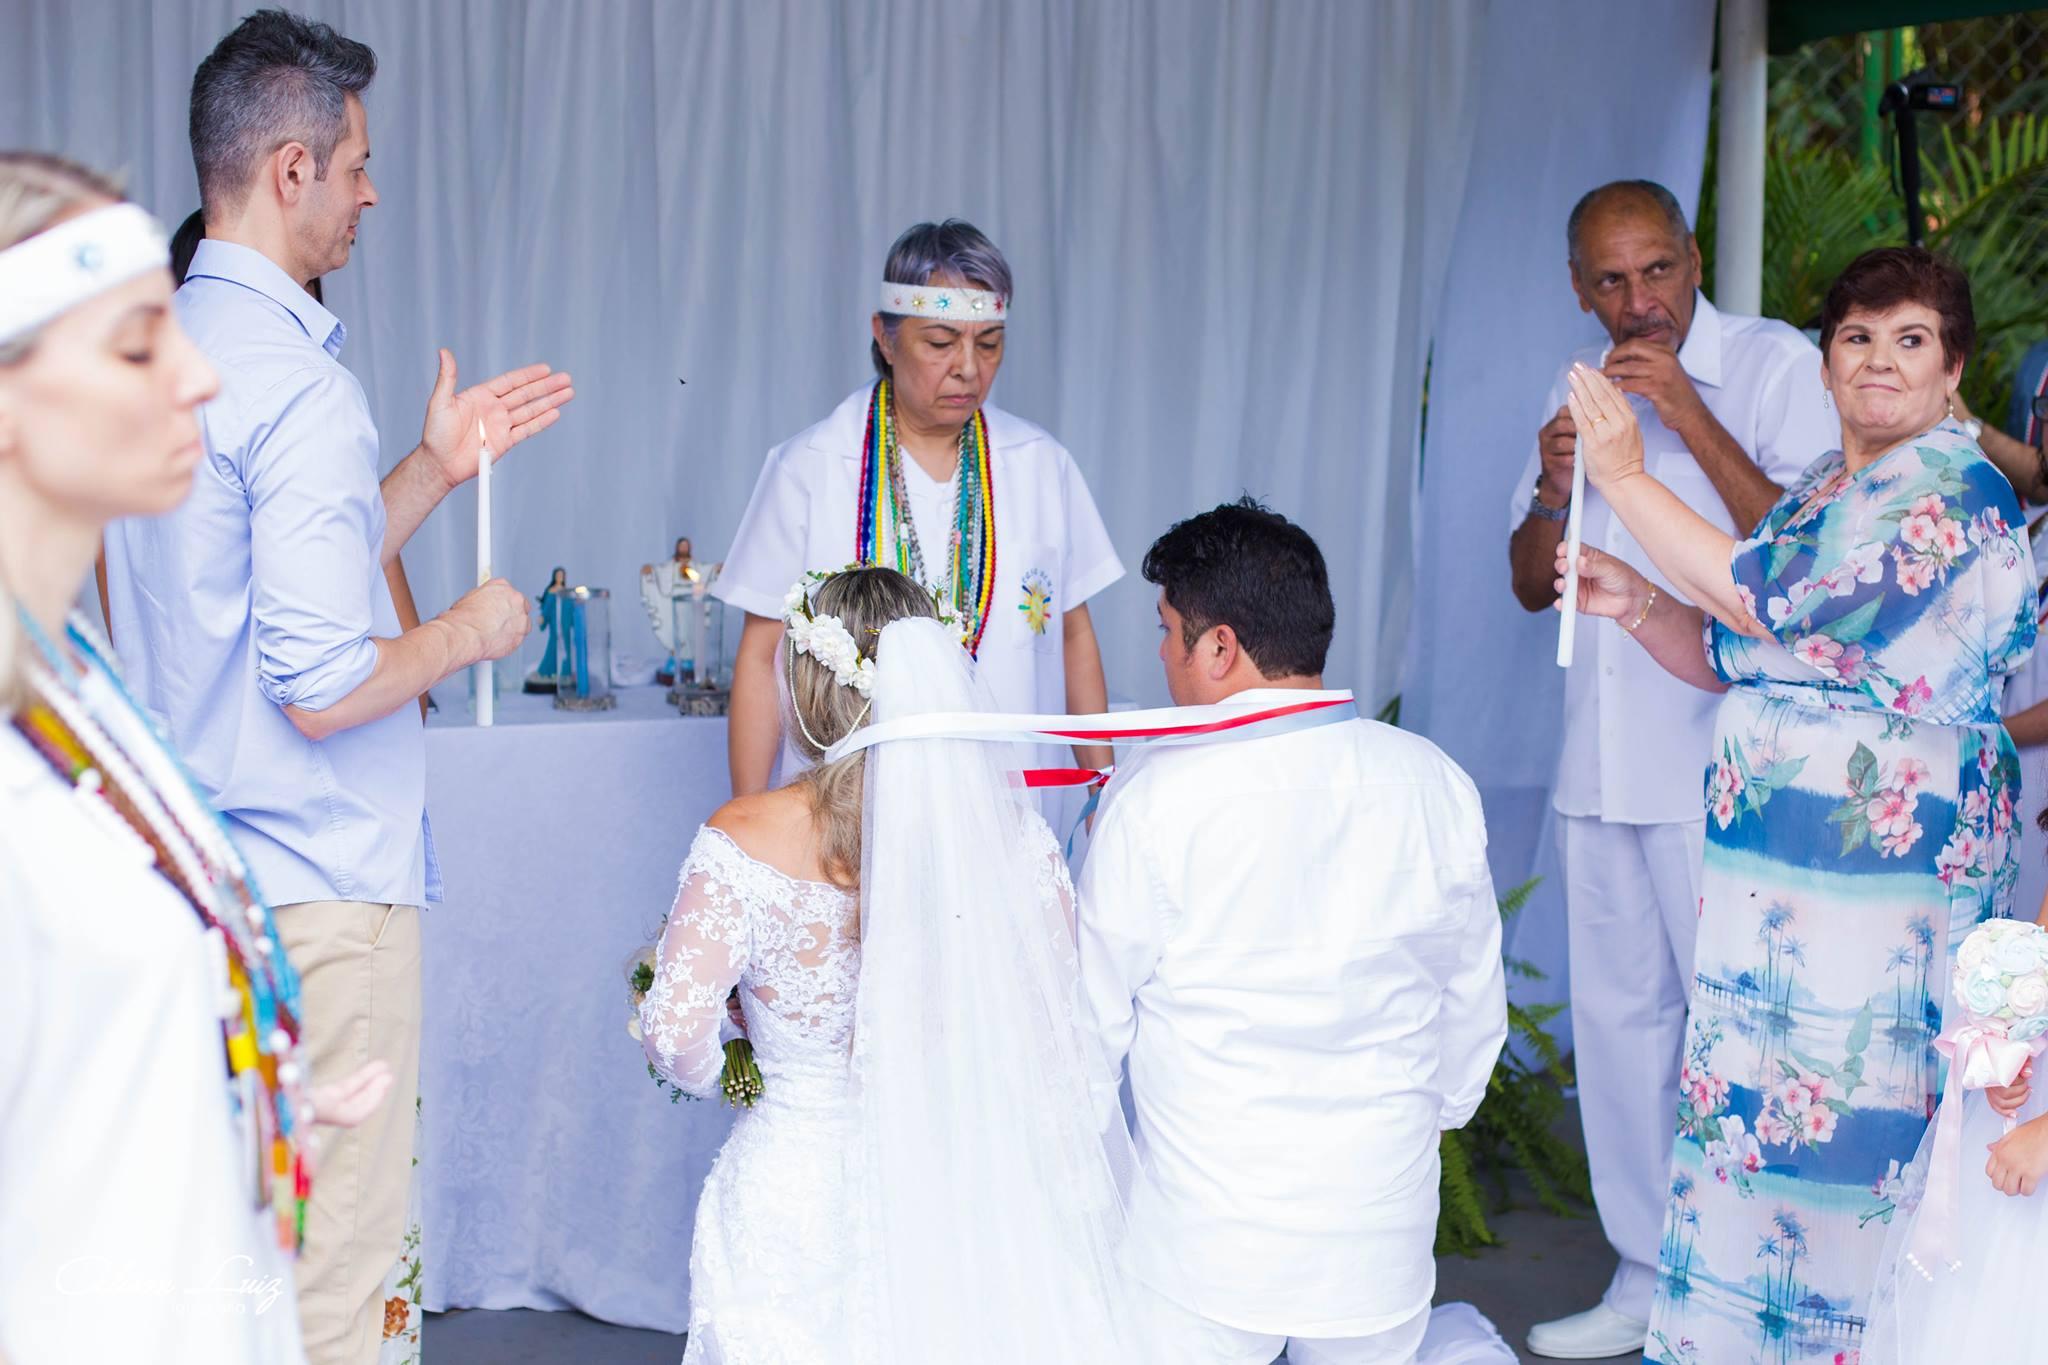 Fotógrafo evangélico registra casamento umbandista e faz lindo relato do que viu 1